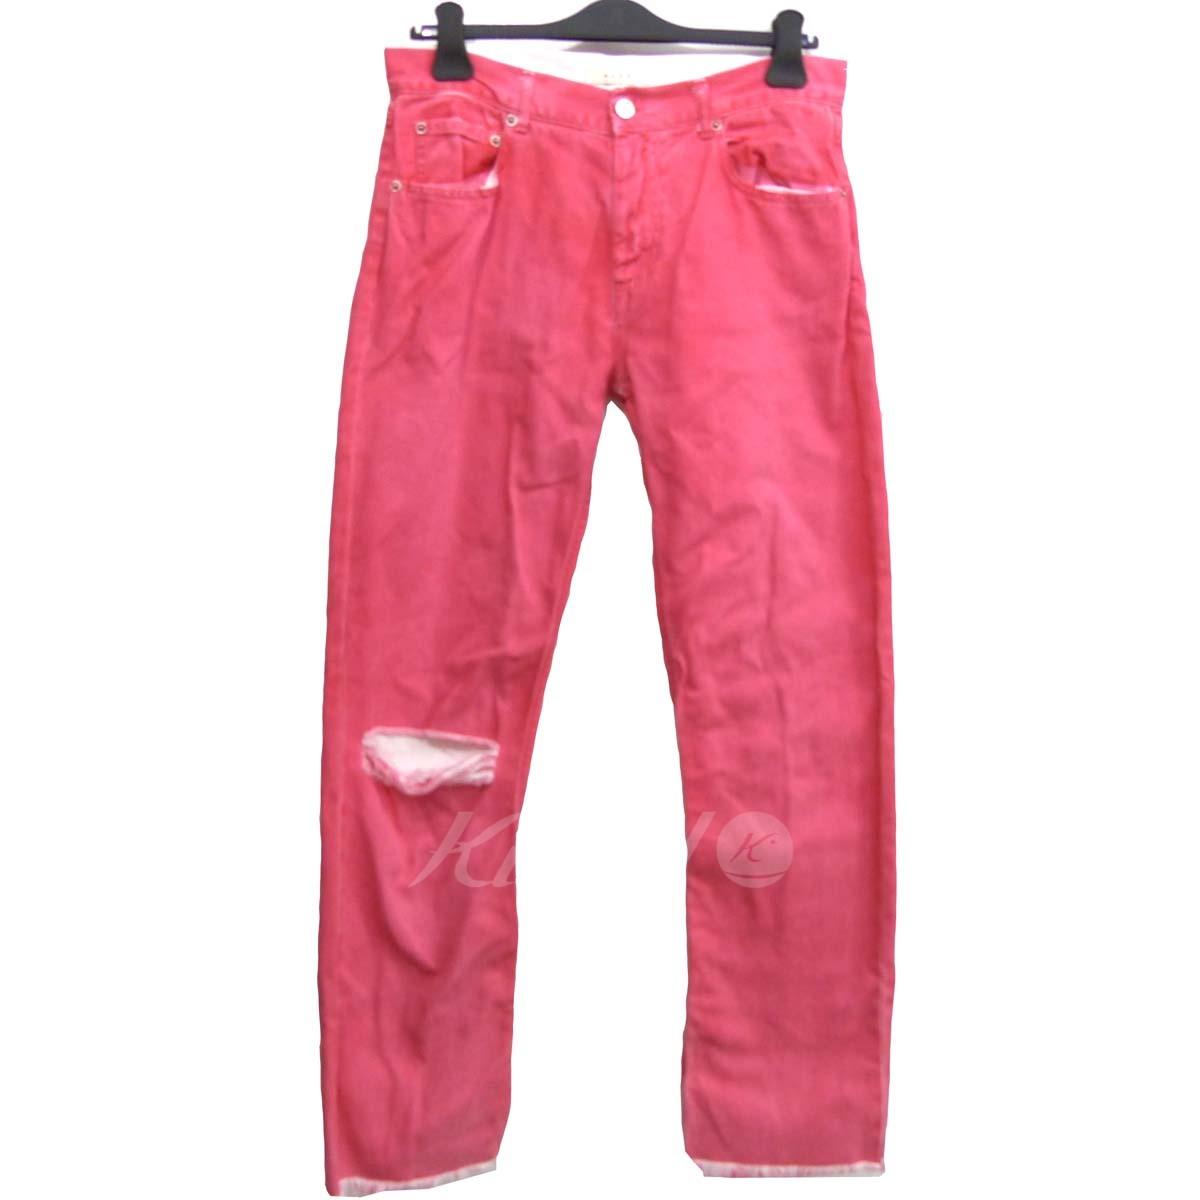 【中古】ALYX「Fringed Cuff Relaxed Jean」カットオフヘム ジーンズ デニムパンツ ピンク サイズ:28 【送料無料】